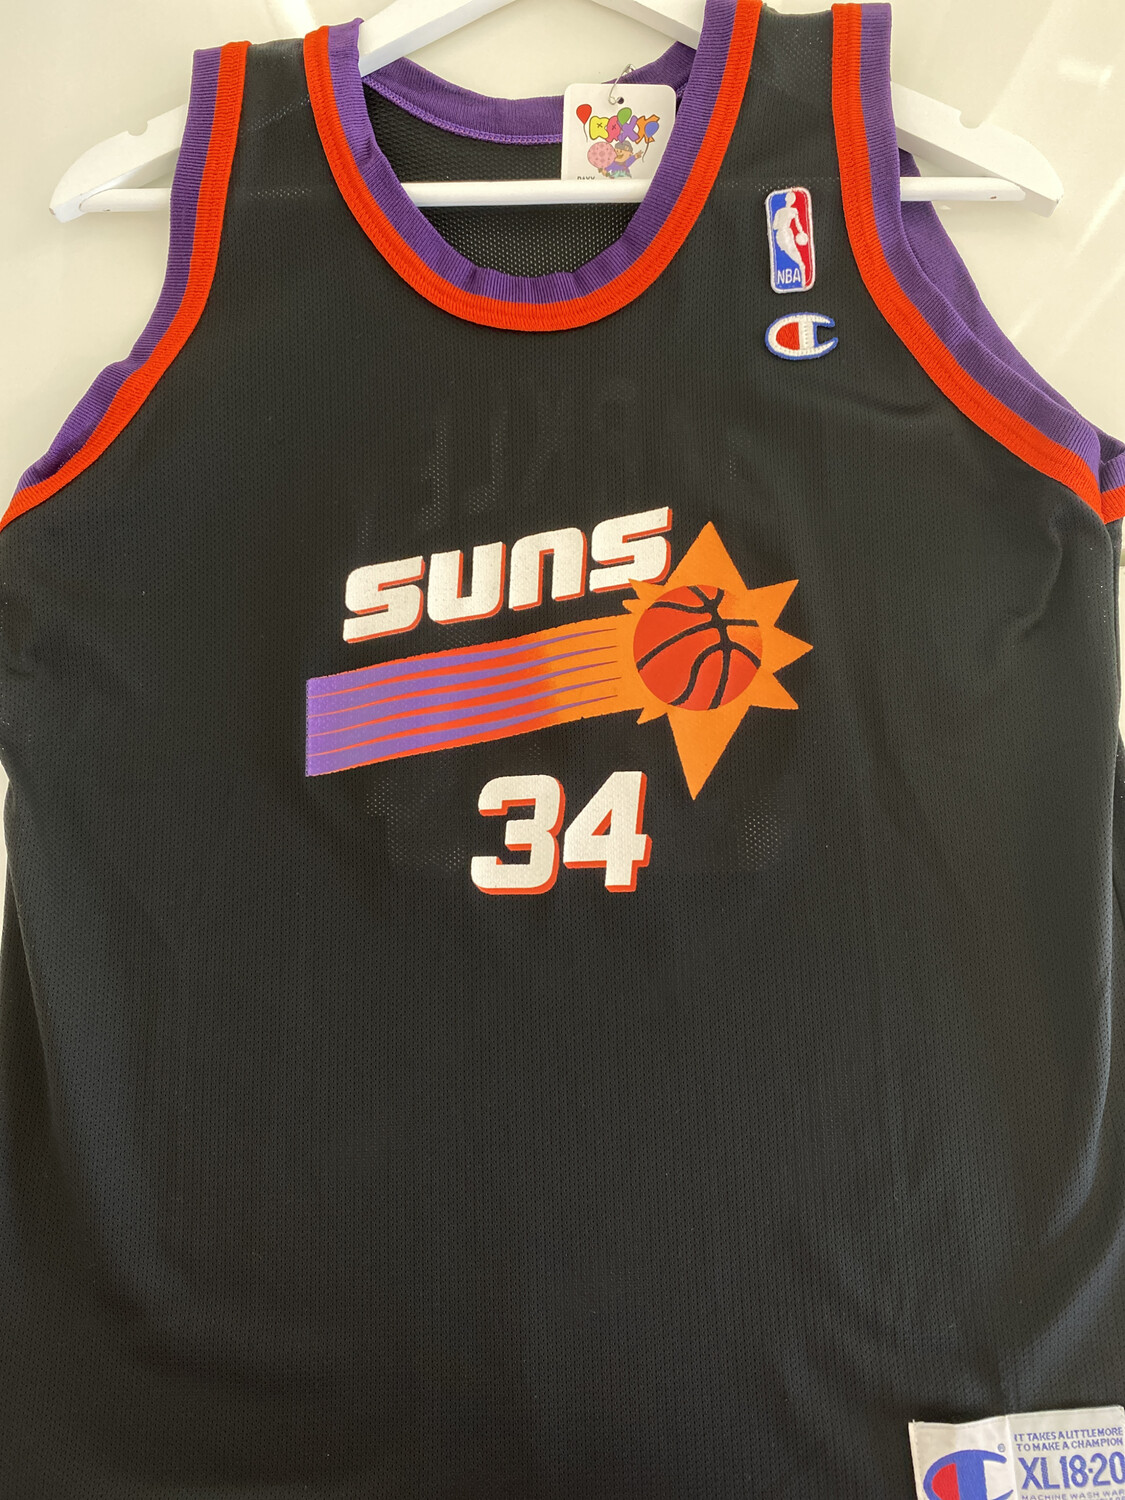 Barkley #34 Suns Jersey. SIZE: S